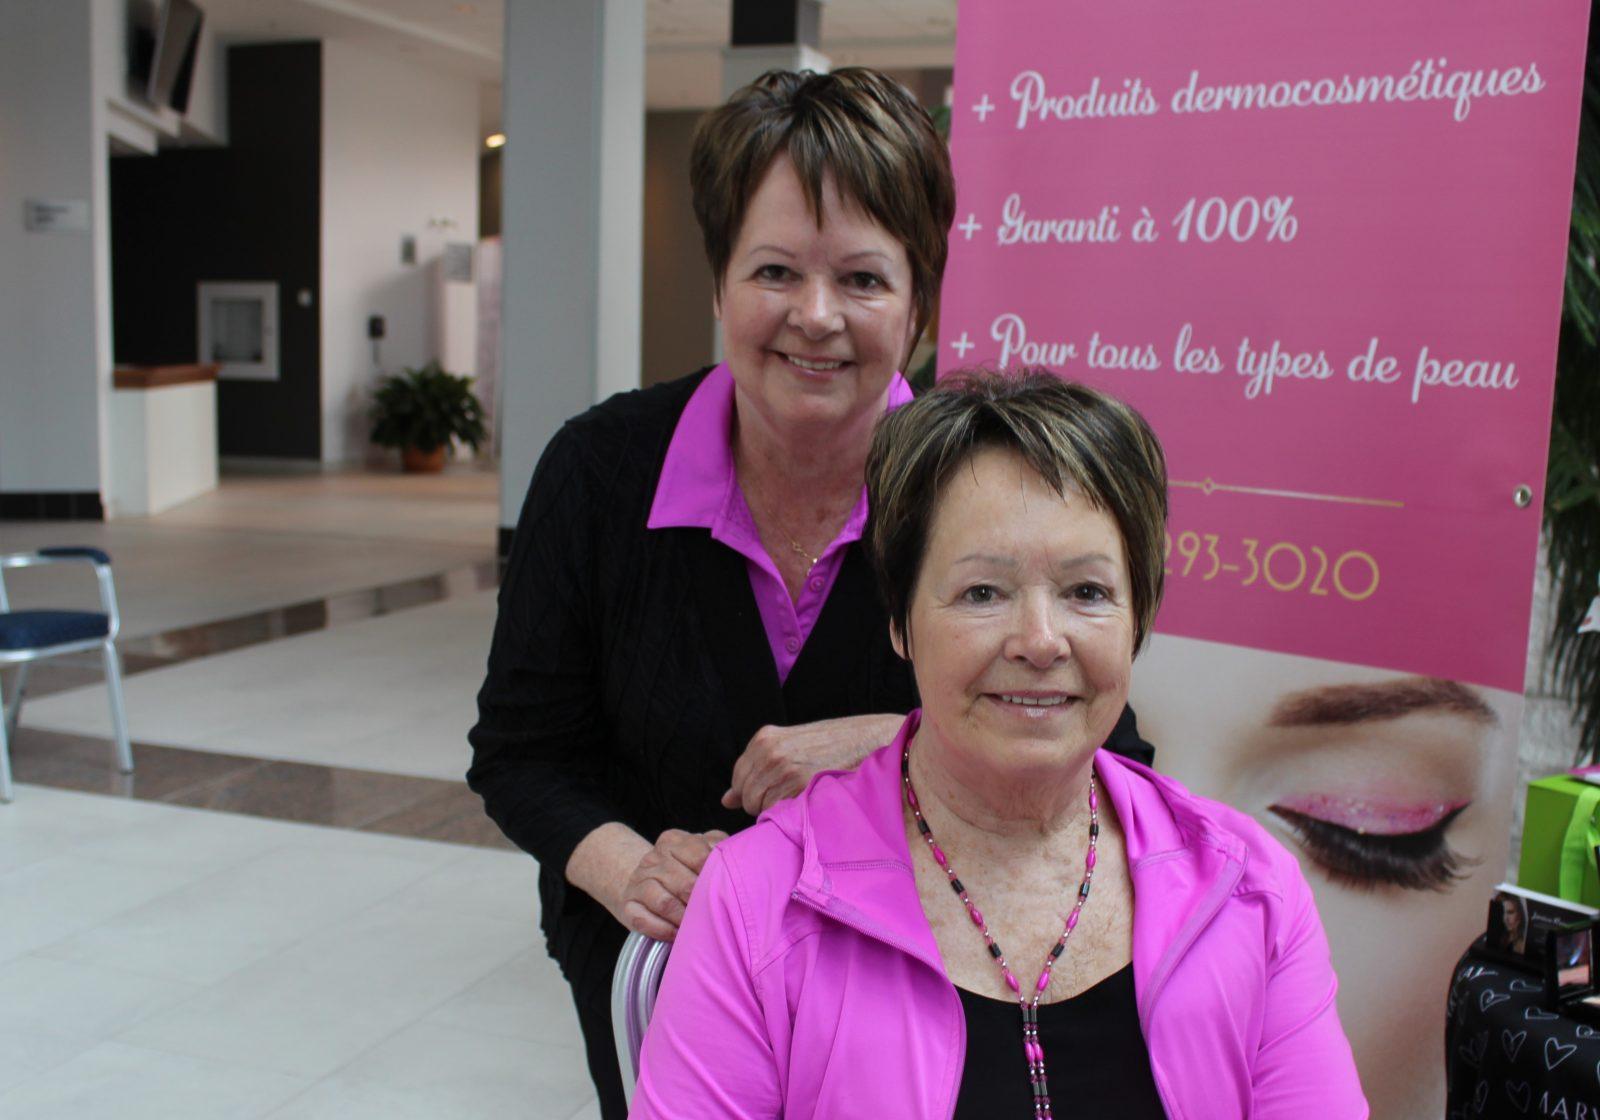 Se faire photographier et encourager la cause du cancer du sein